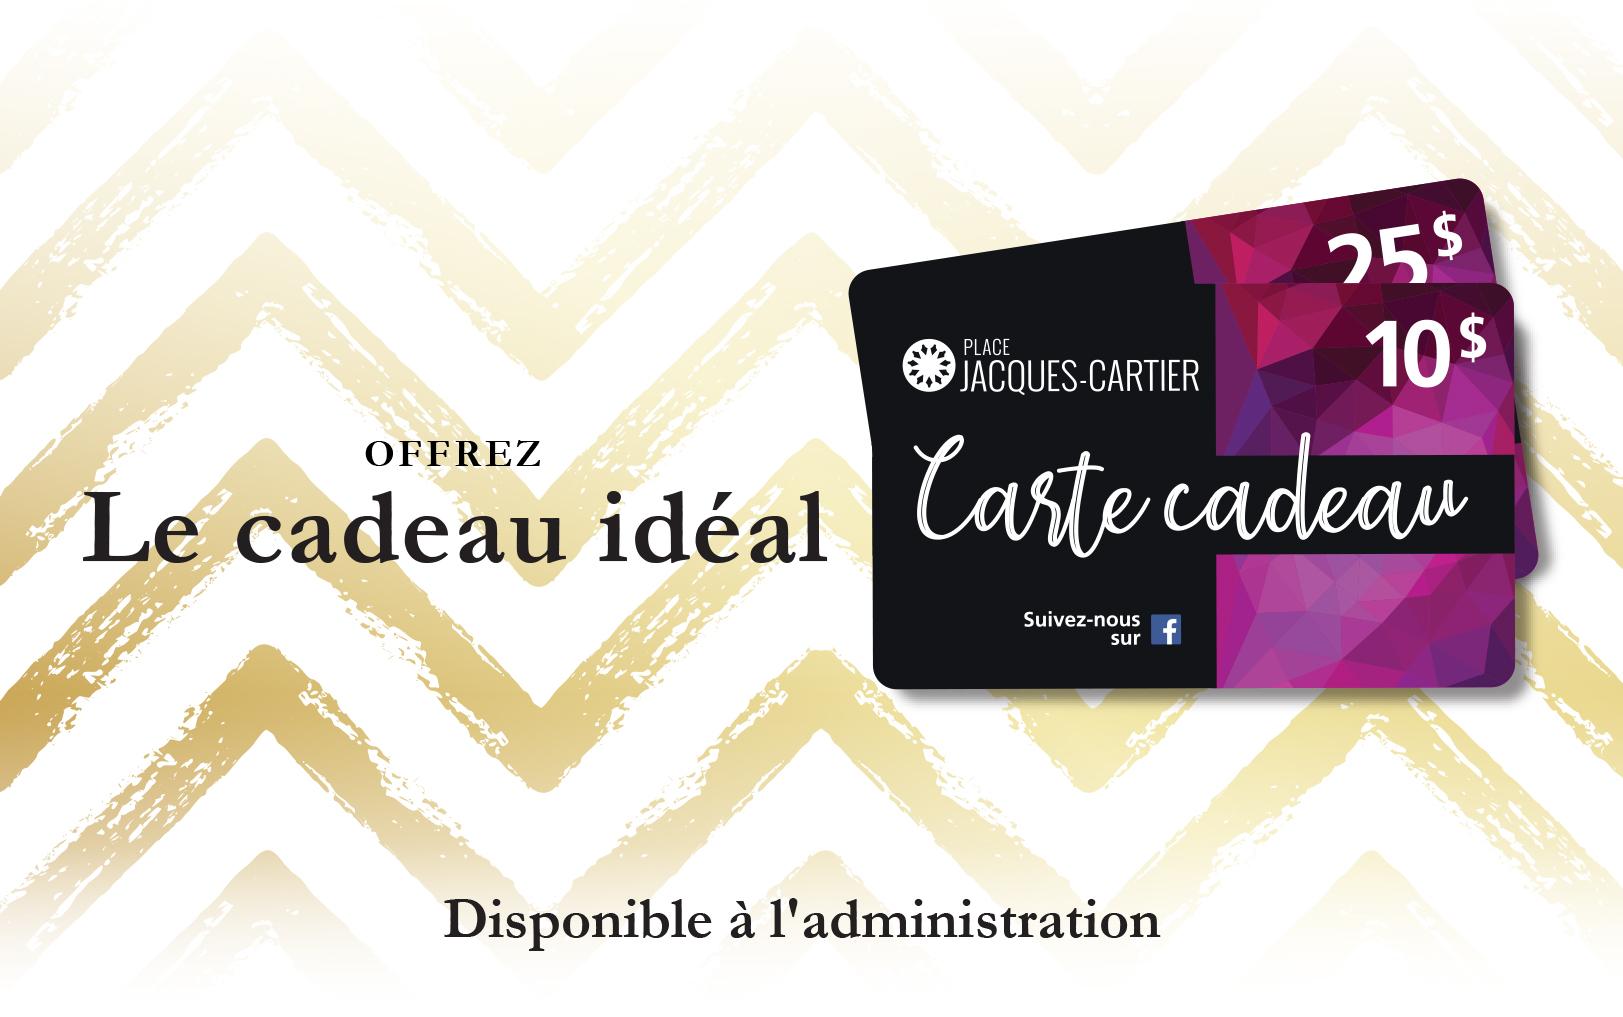 PlaceJacquesCartier_Web